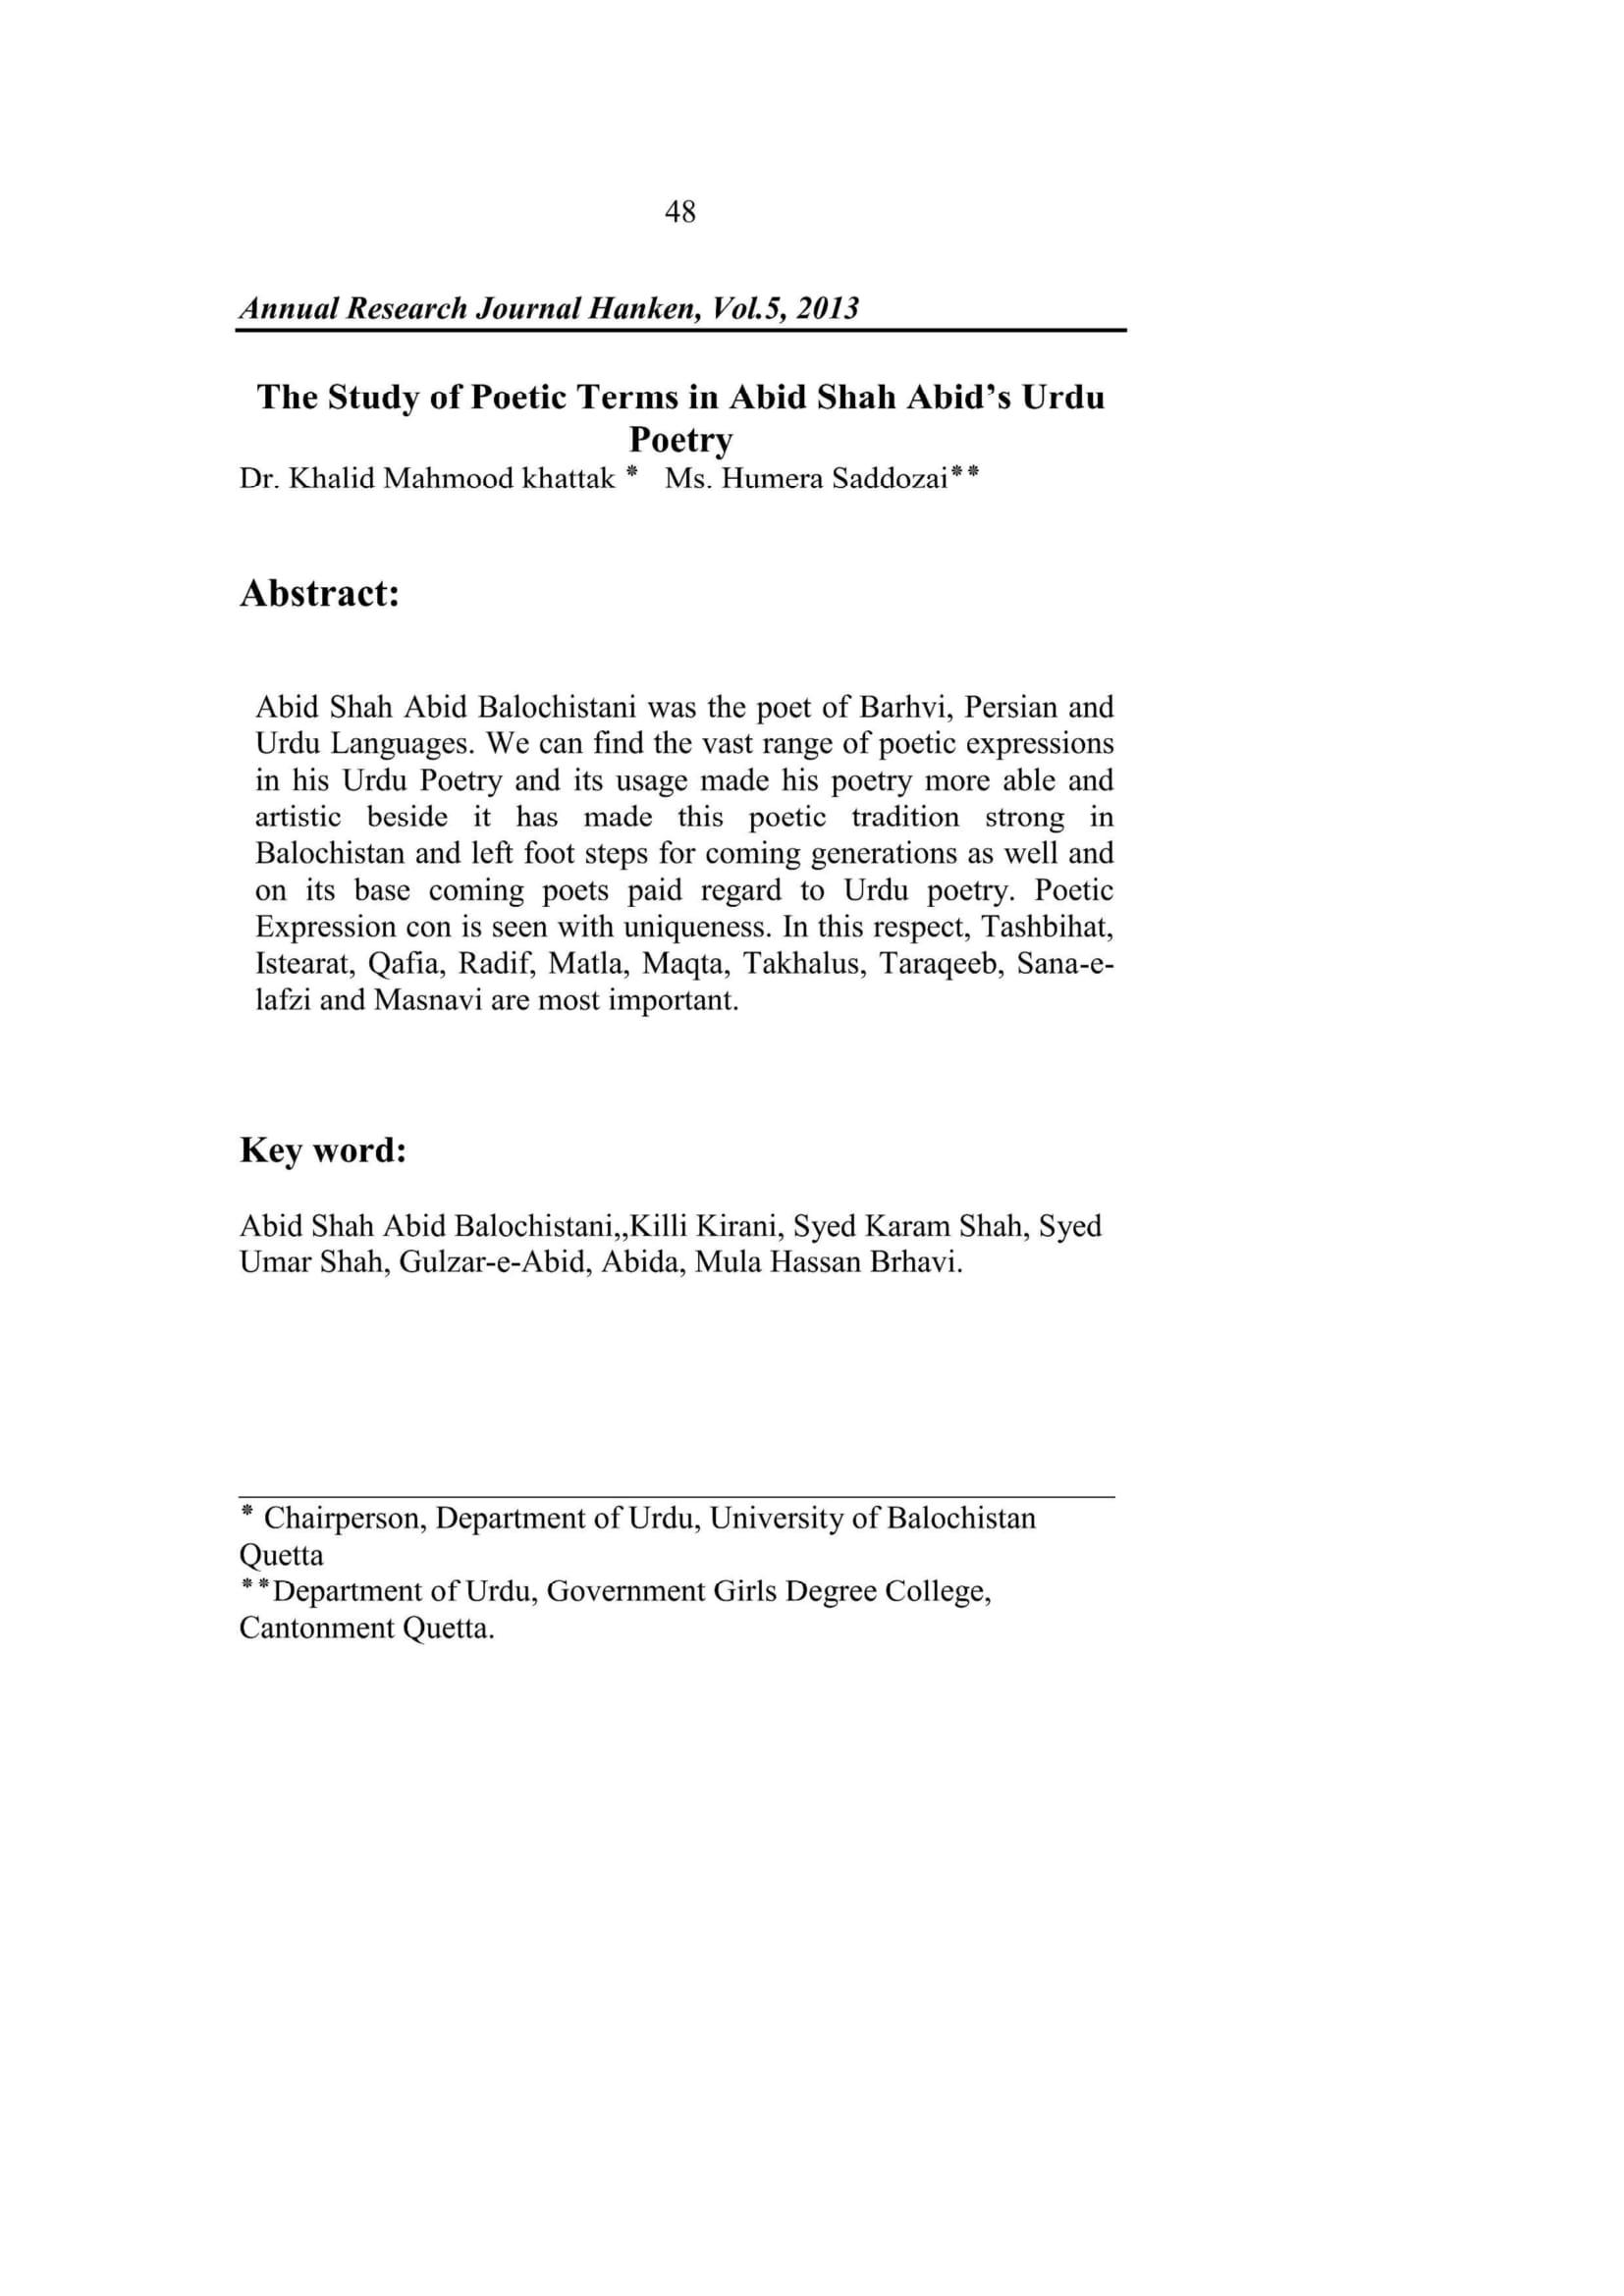 The Study of Poetic Terms in Abid Shah Abid's Urdu Poetry